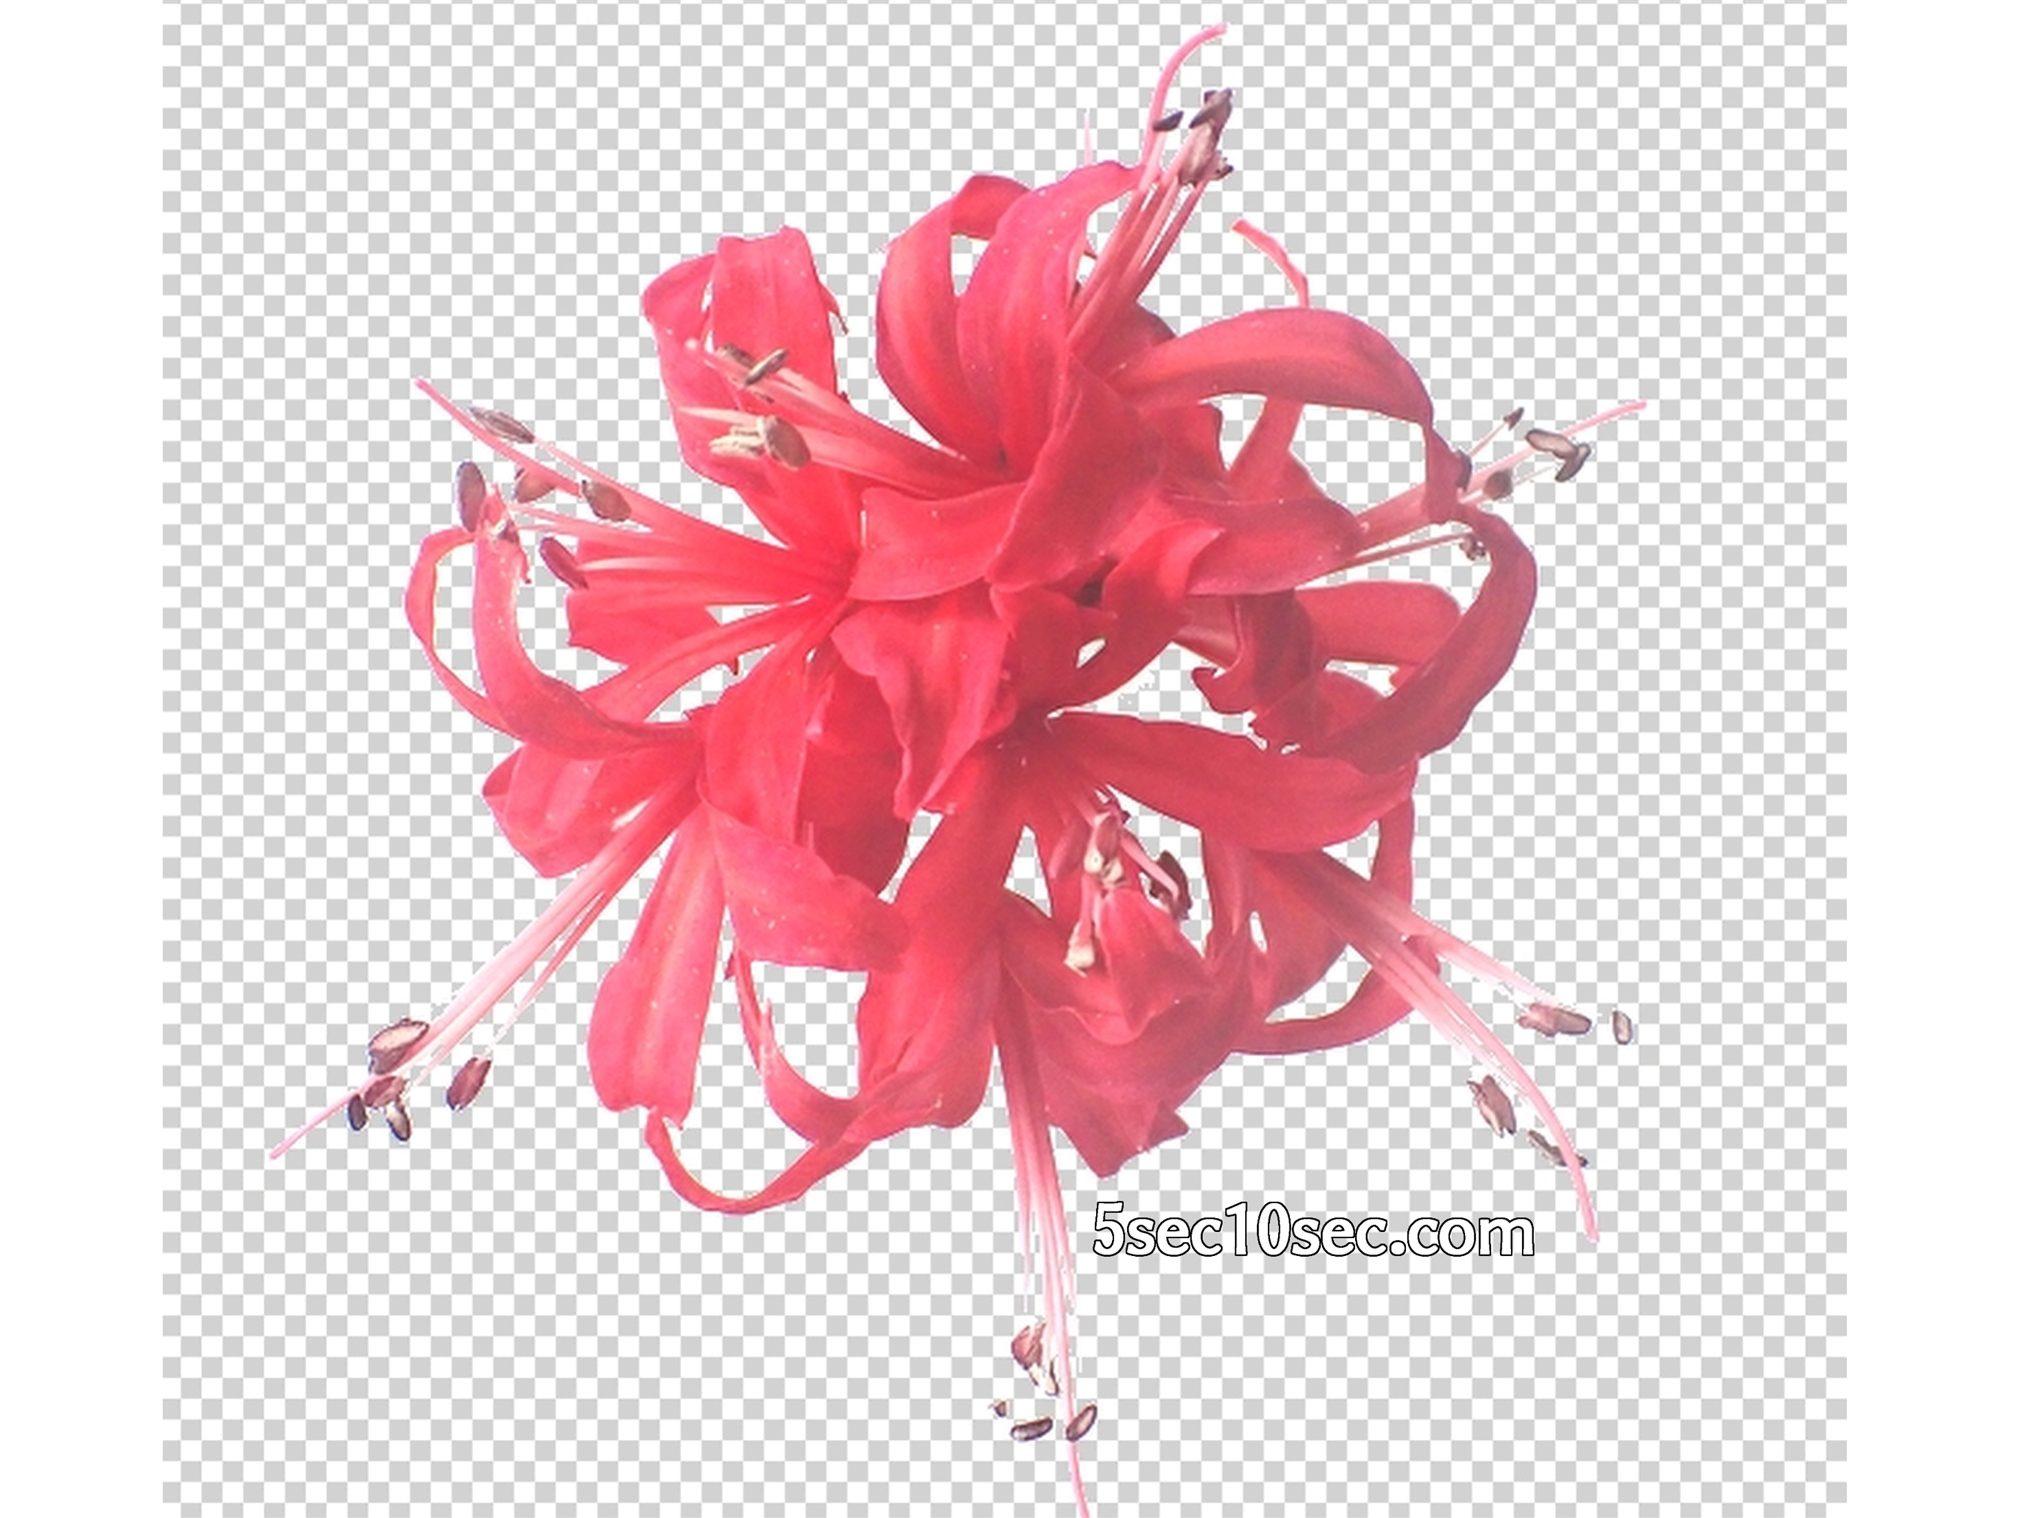 株式会社Crunch Style お花の定期便 Bloomee LIFE ブルーミーライフ 800円のレギュラープラン コントラストや明るさを上げると、写真を簡単に透明化できます、png形式で保存します